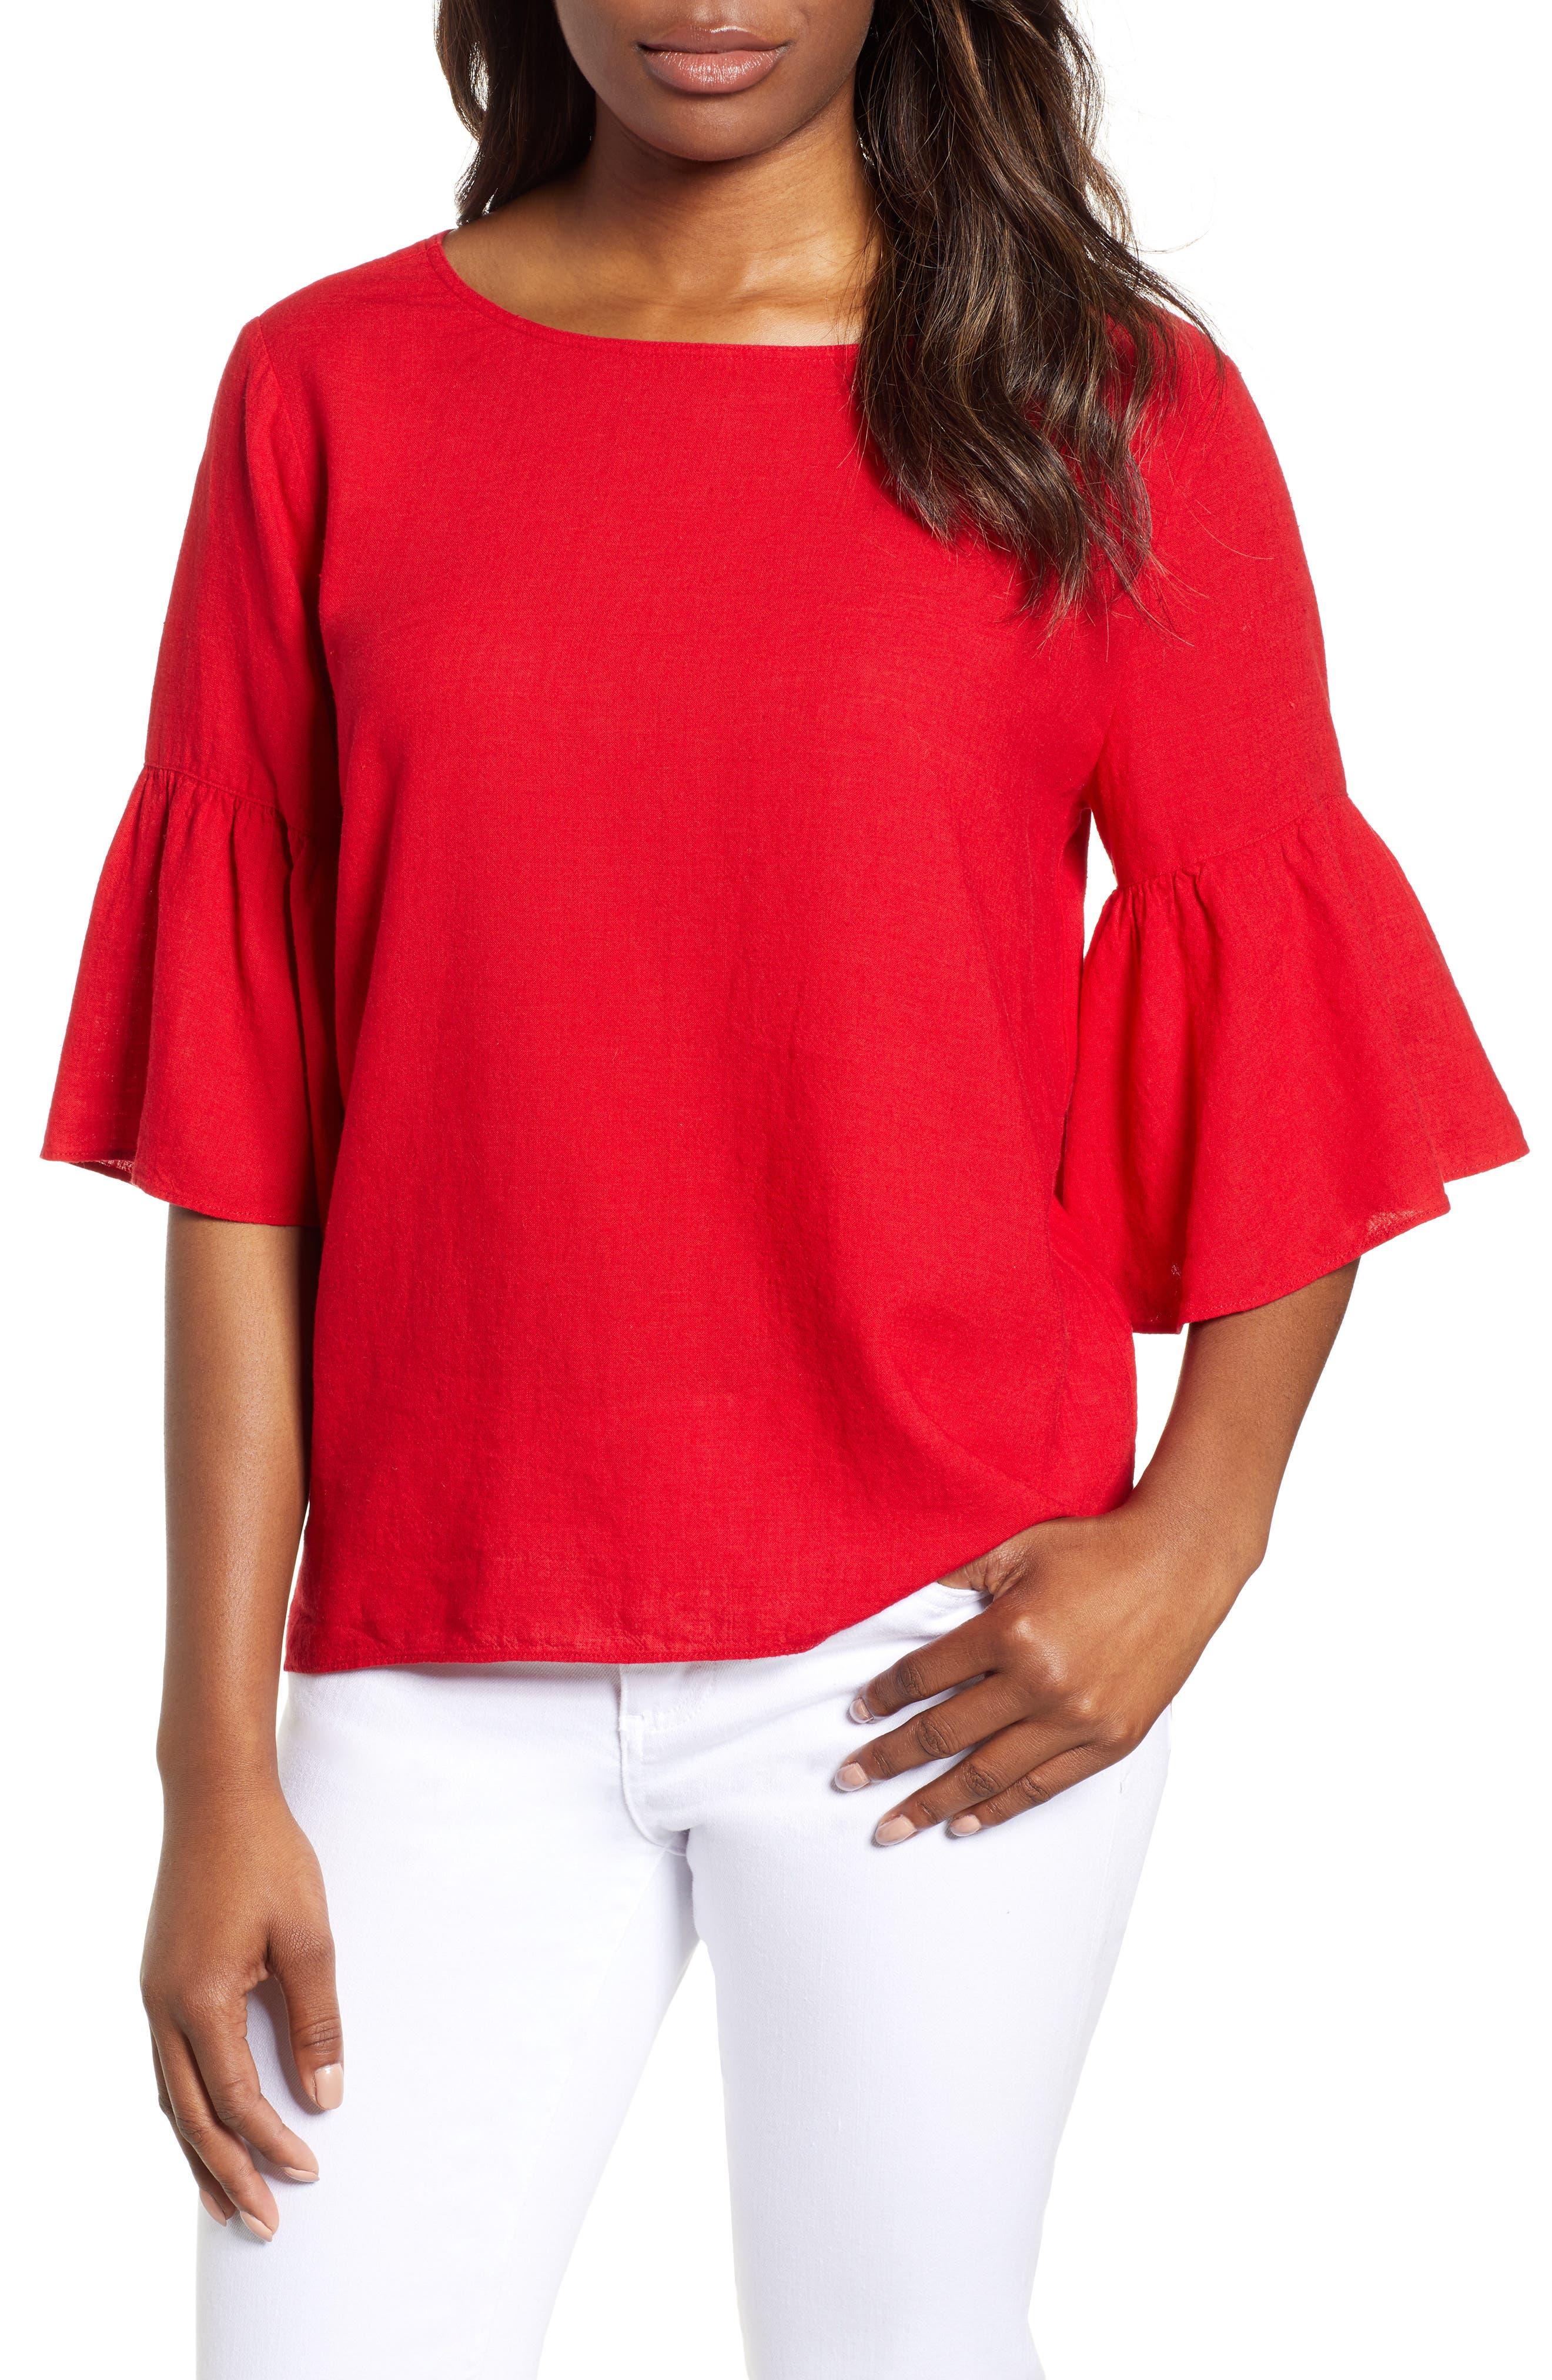 Rumba Top,                         Main,                         color, Red Sangria